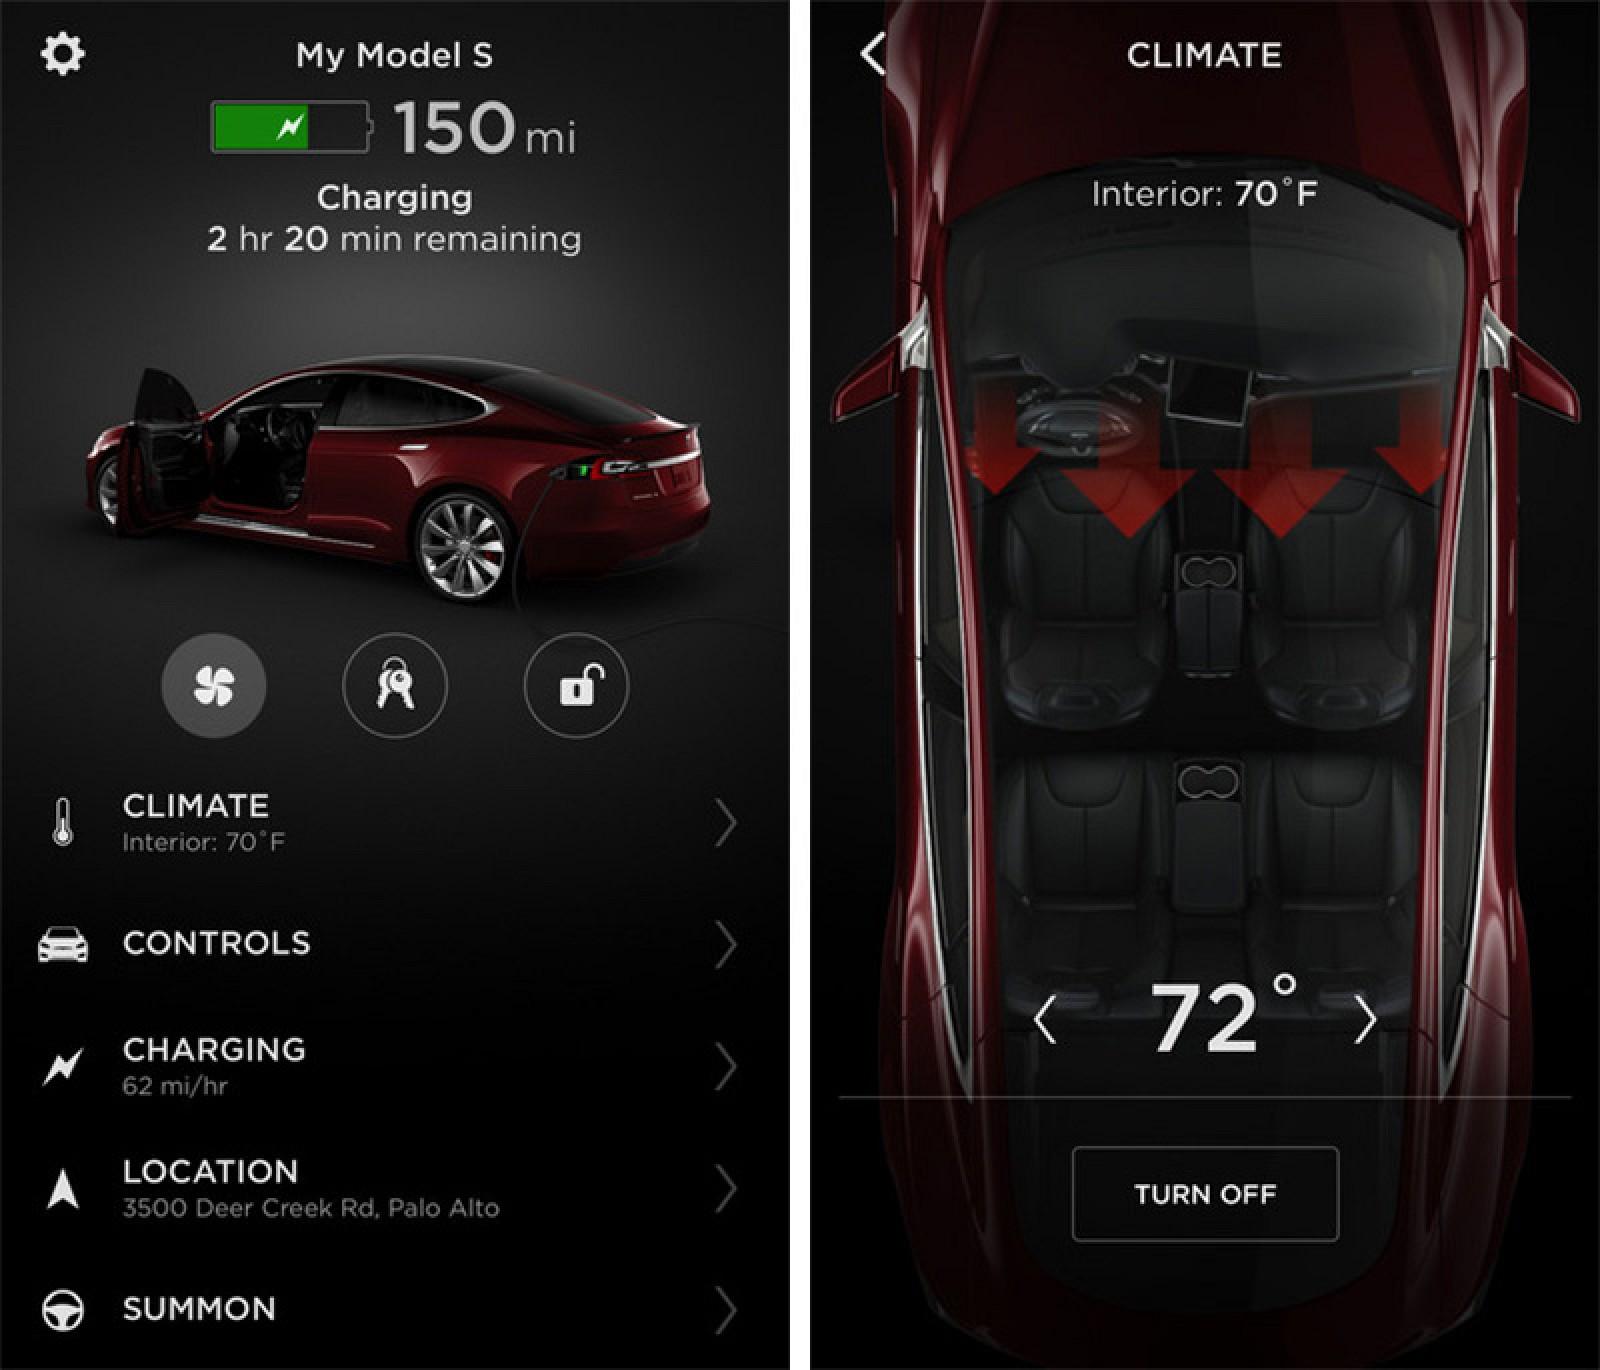 Tesla Model 3 tutto sull'auto elettrica del momento tempi di consegna prezzo e autonomia